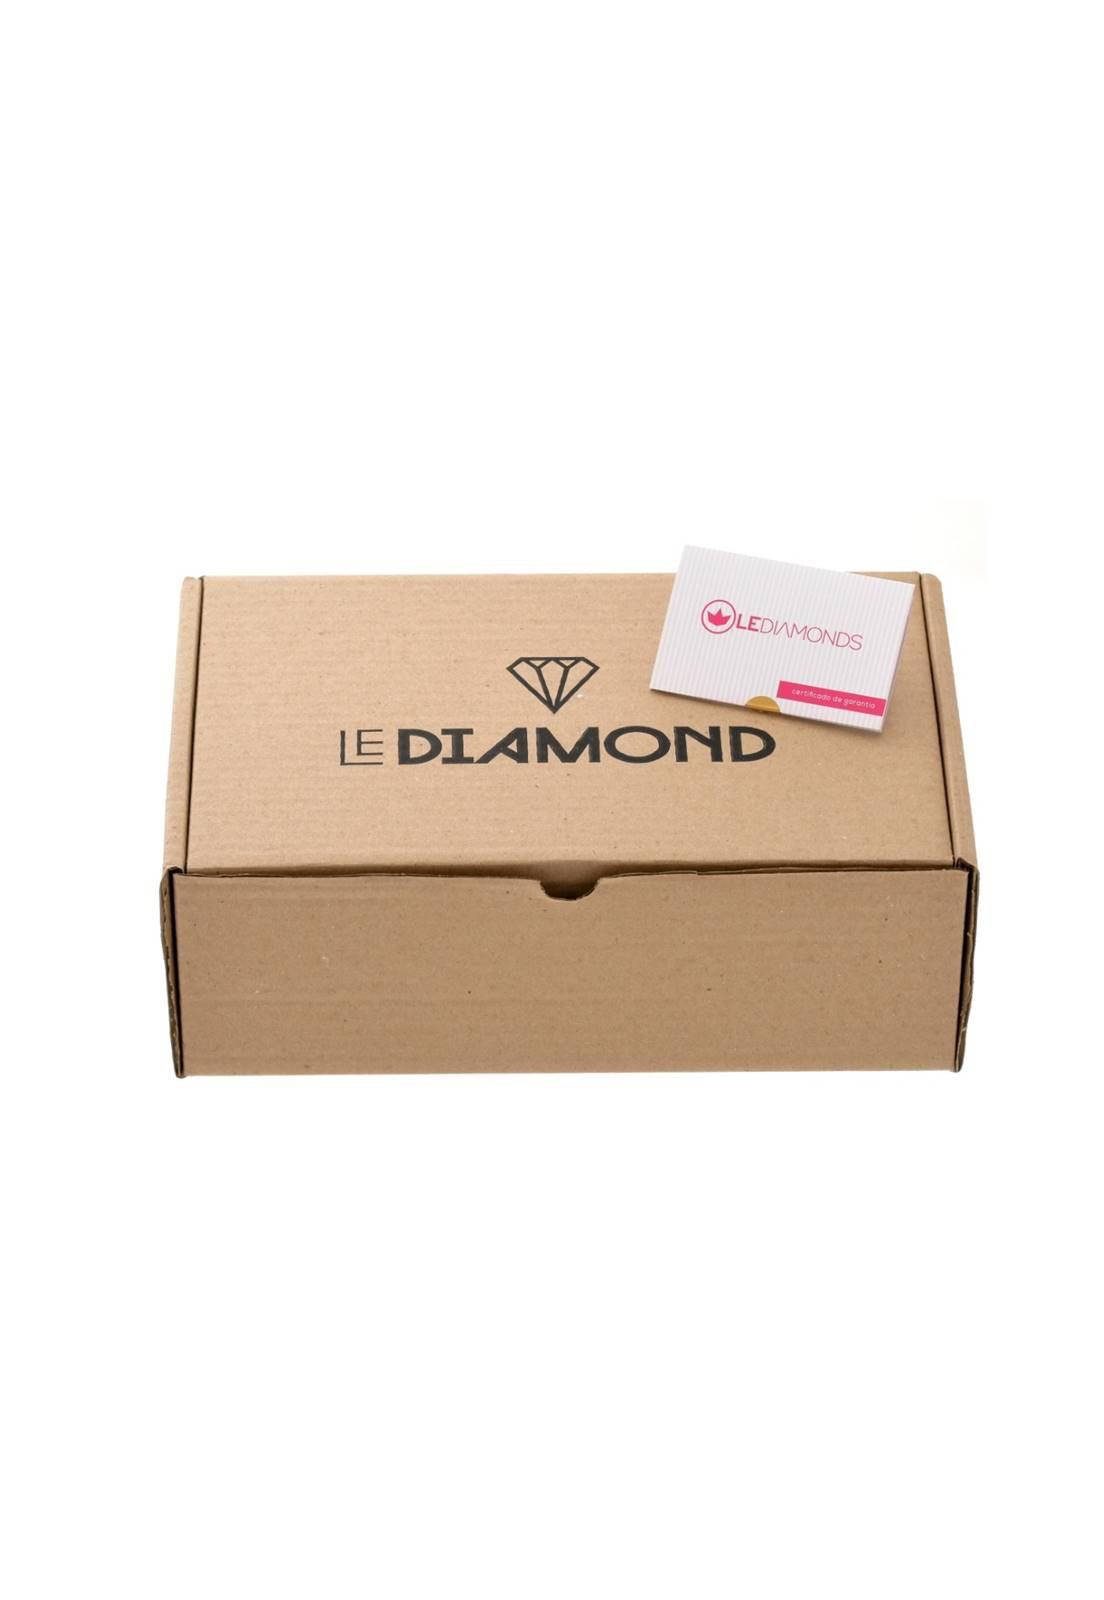 Brinco Le Diamond Clipping com Pérola Dourado